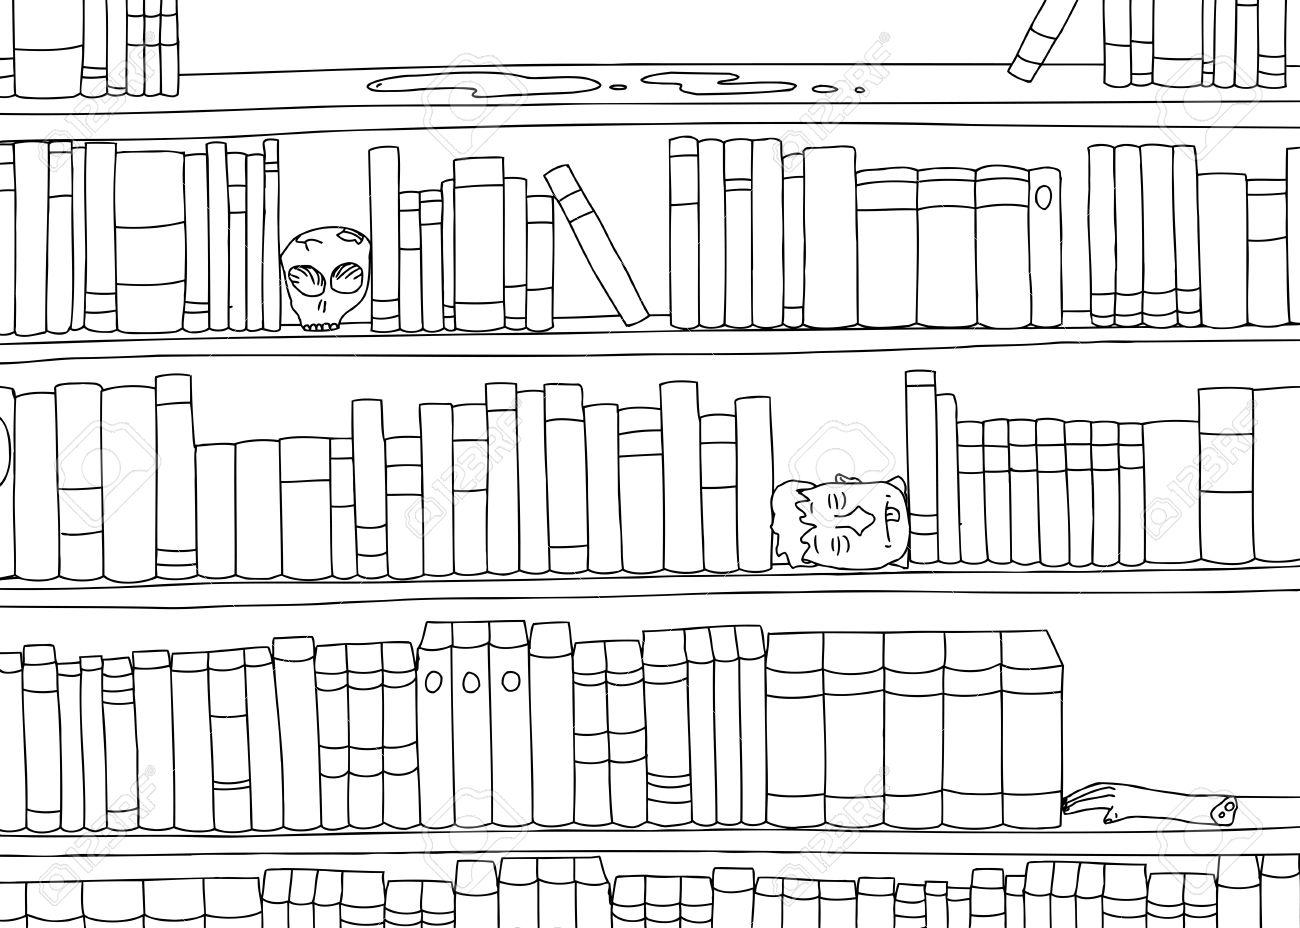 Bücherregal clipart schwarz weiß  Gliederung Cartoon Von Seltsamen Buchstützen In Bücherregal ...